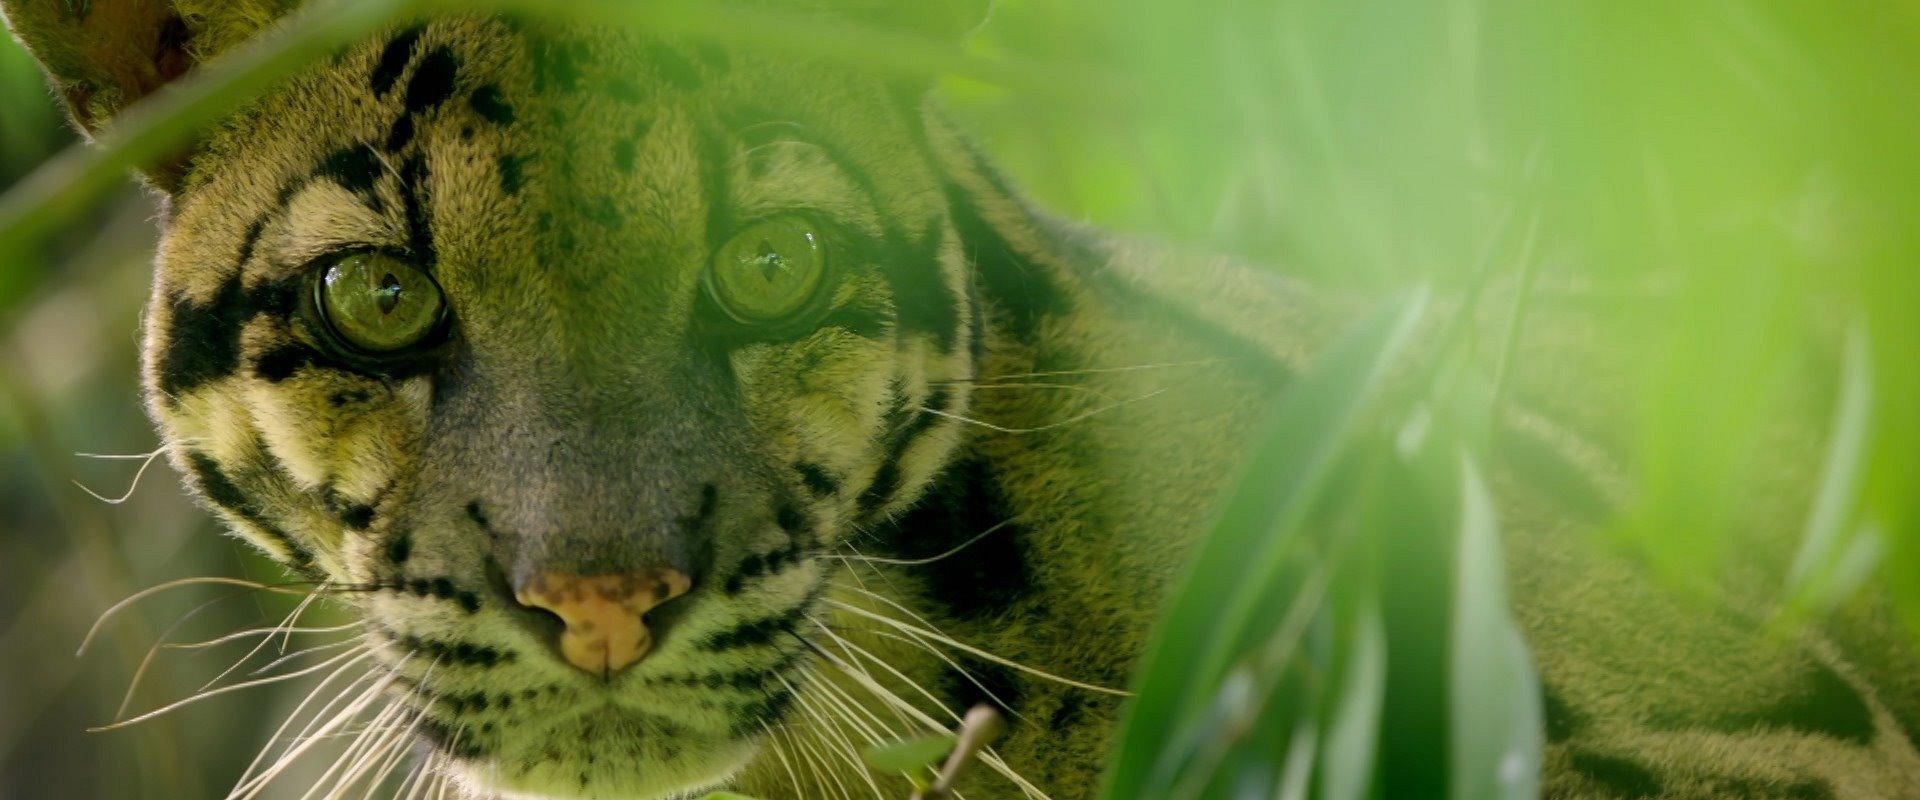 NAT GEO WILD DEDICA O MÊS DE FEVEREIRO AOS FELINOS NO ESPECIAL DE PROGRAMAÇÃO 'BIG CAT MONTH'